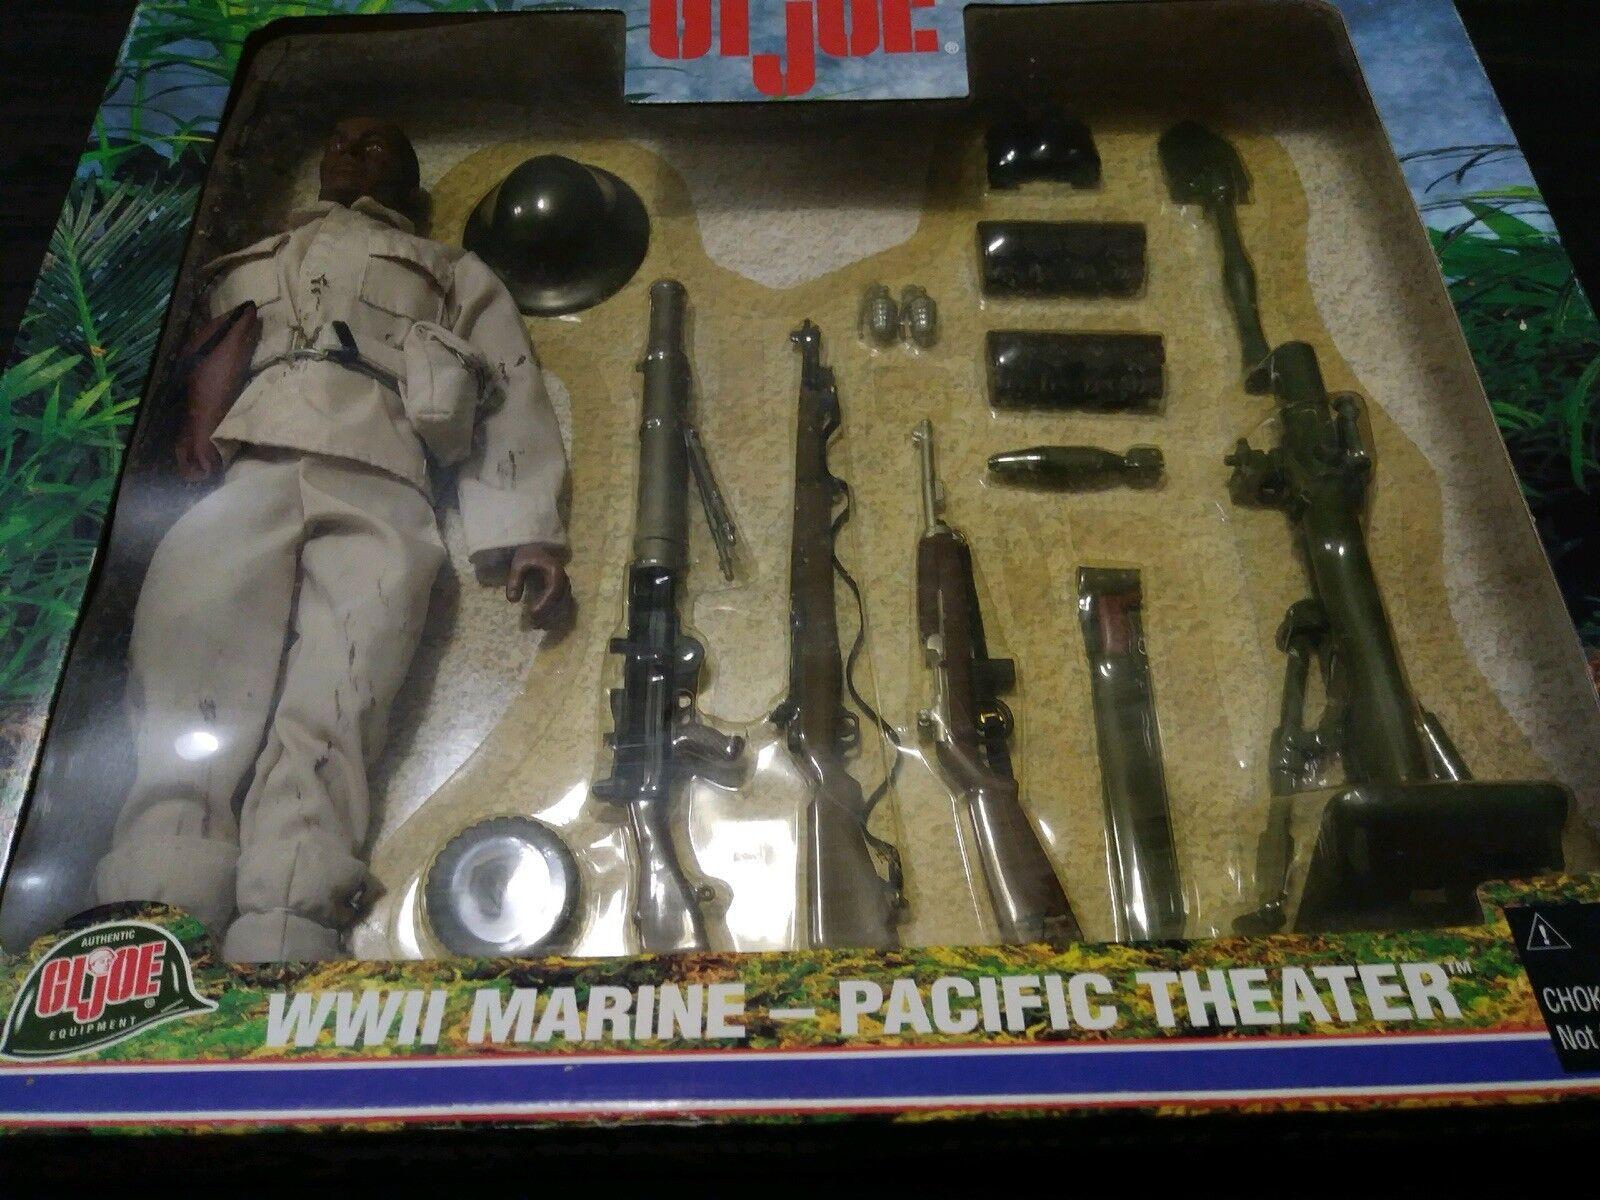 Vintage - gi joe des zweiten weltkriegs marine im pazifik theater w   zubehör misb afroamerikaner